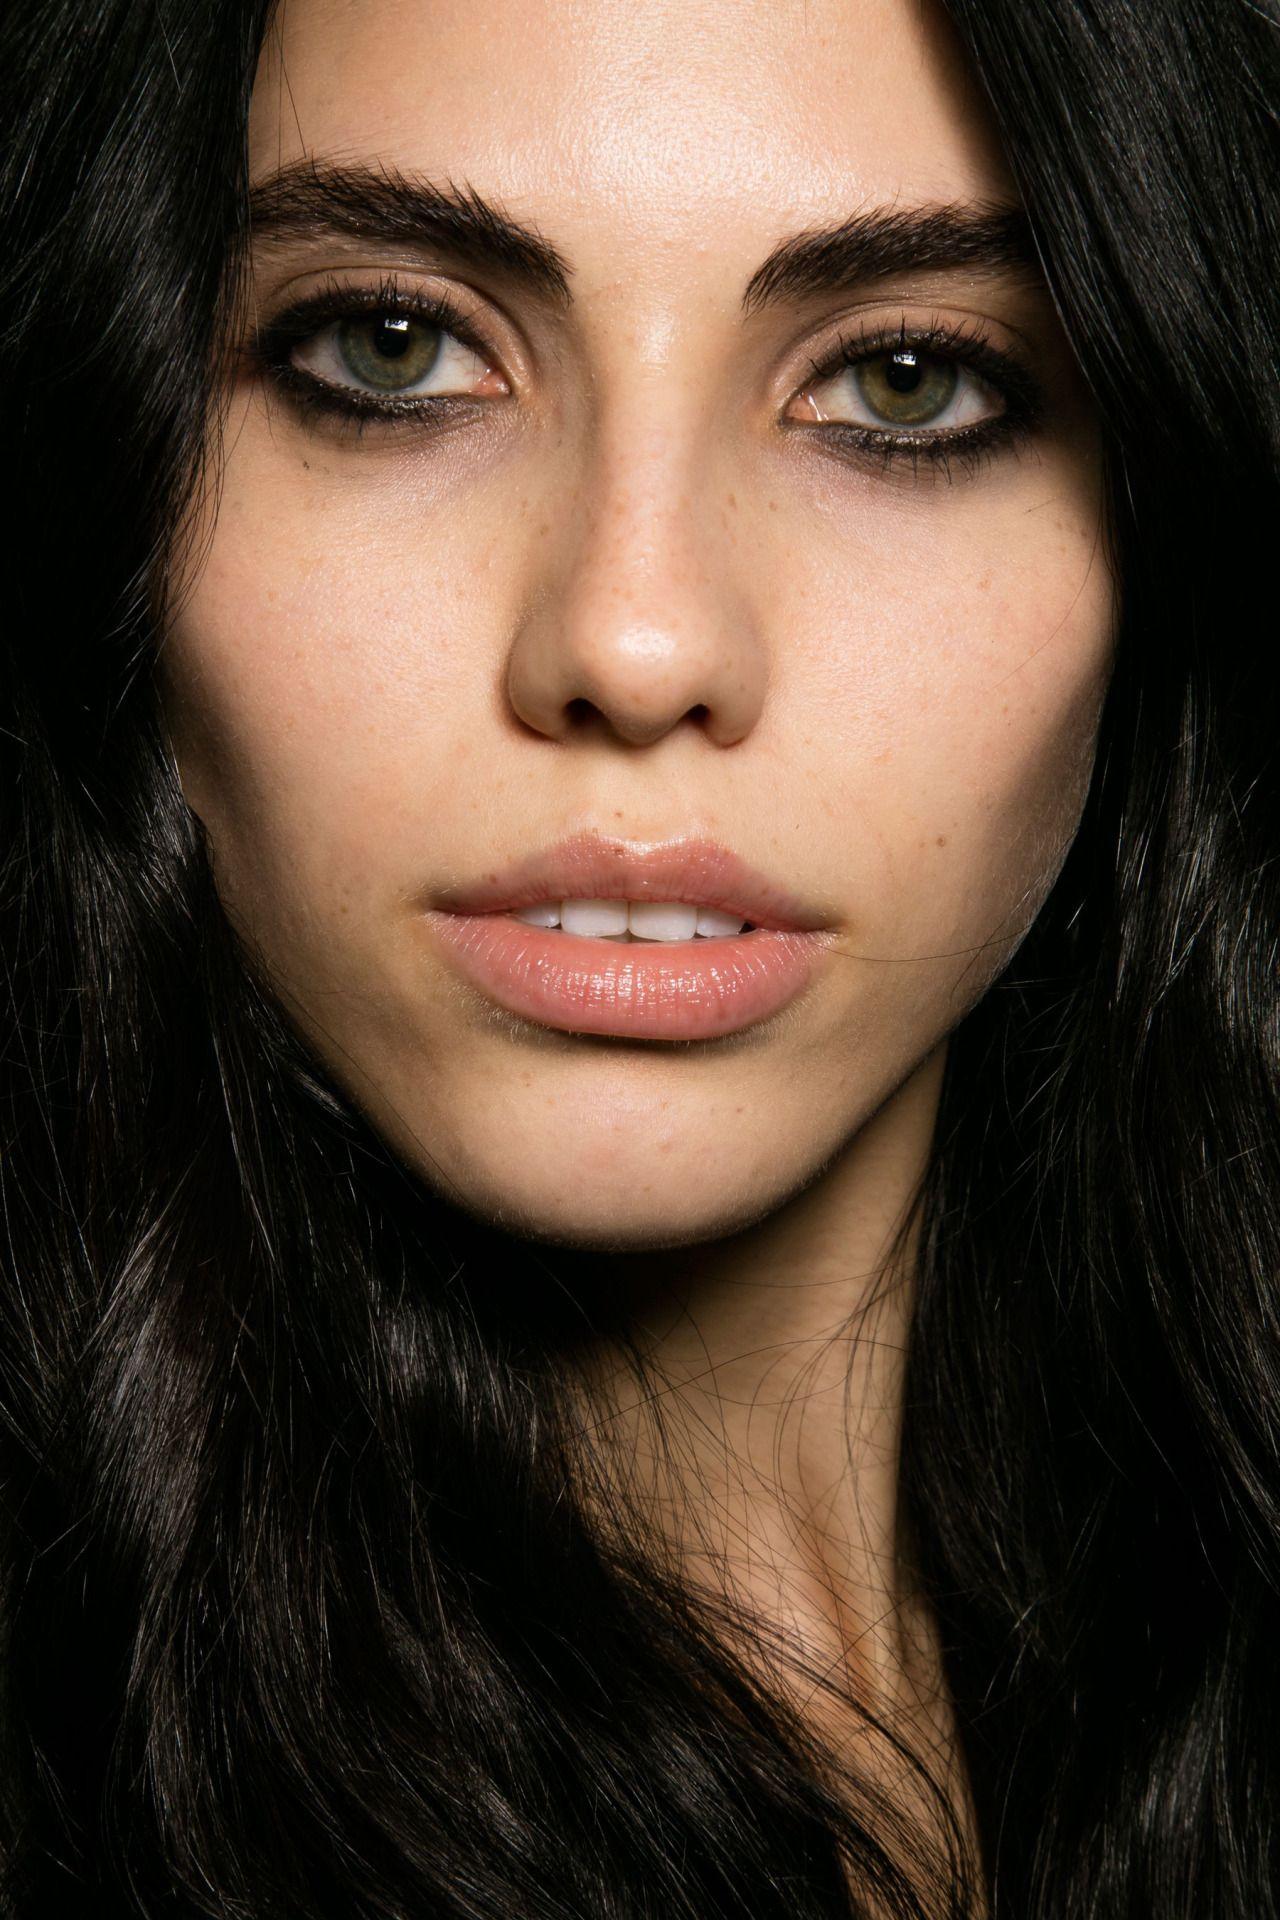 The Beauty Model | Beauty model, Runway beauty, Editorial ...